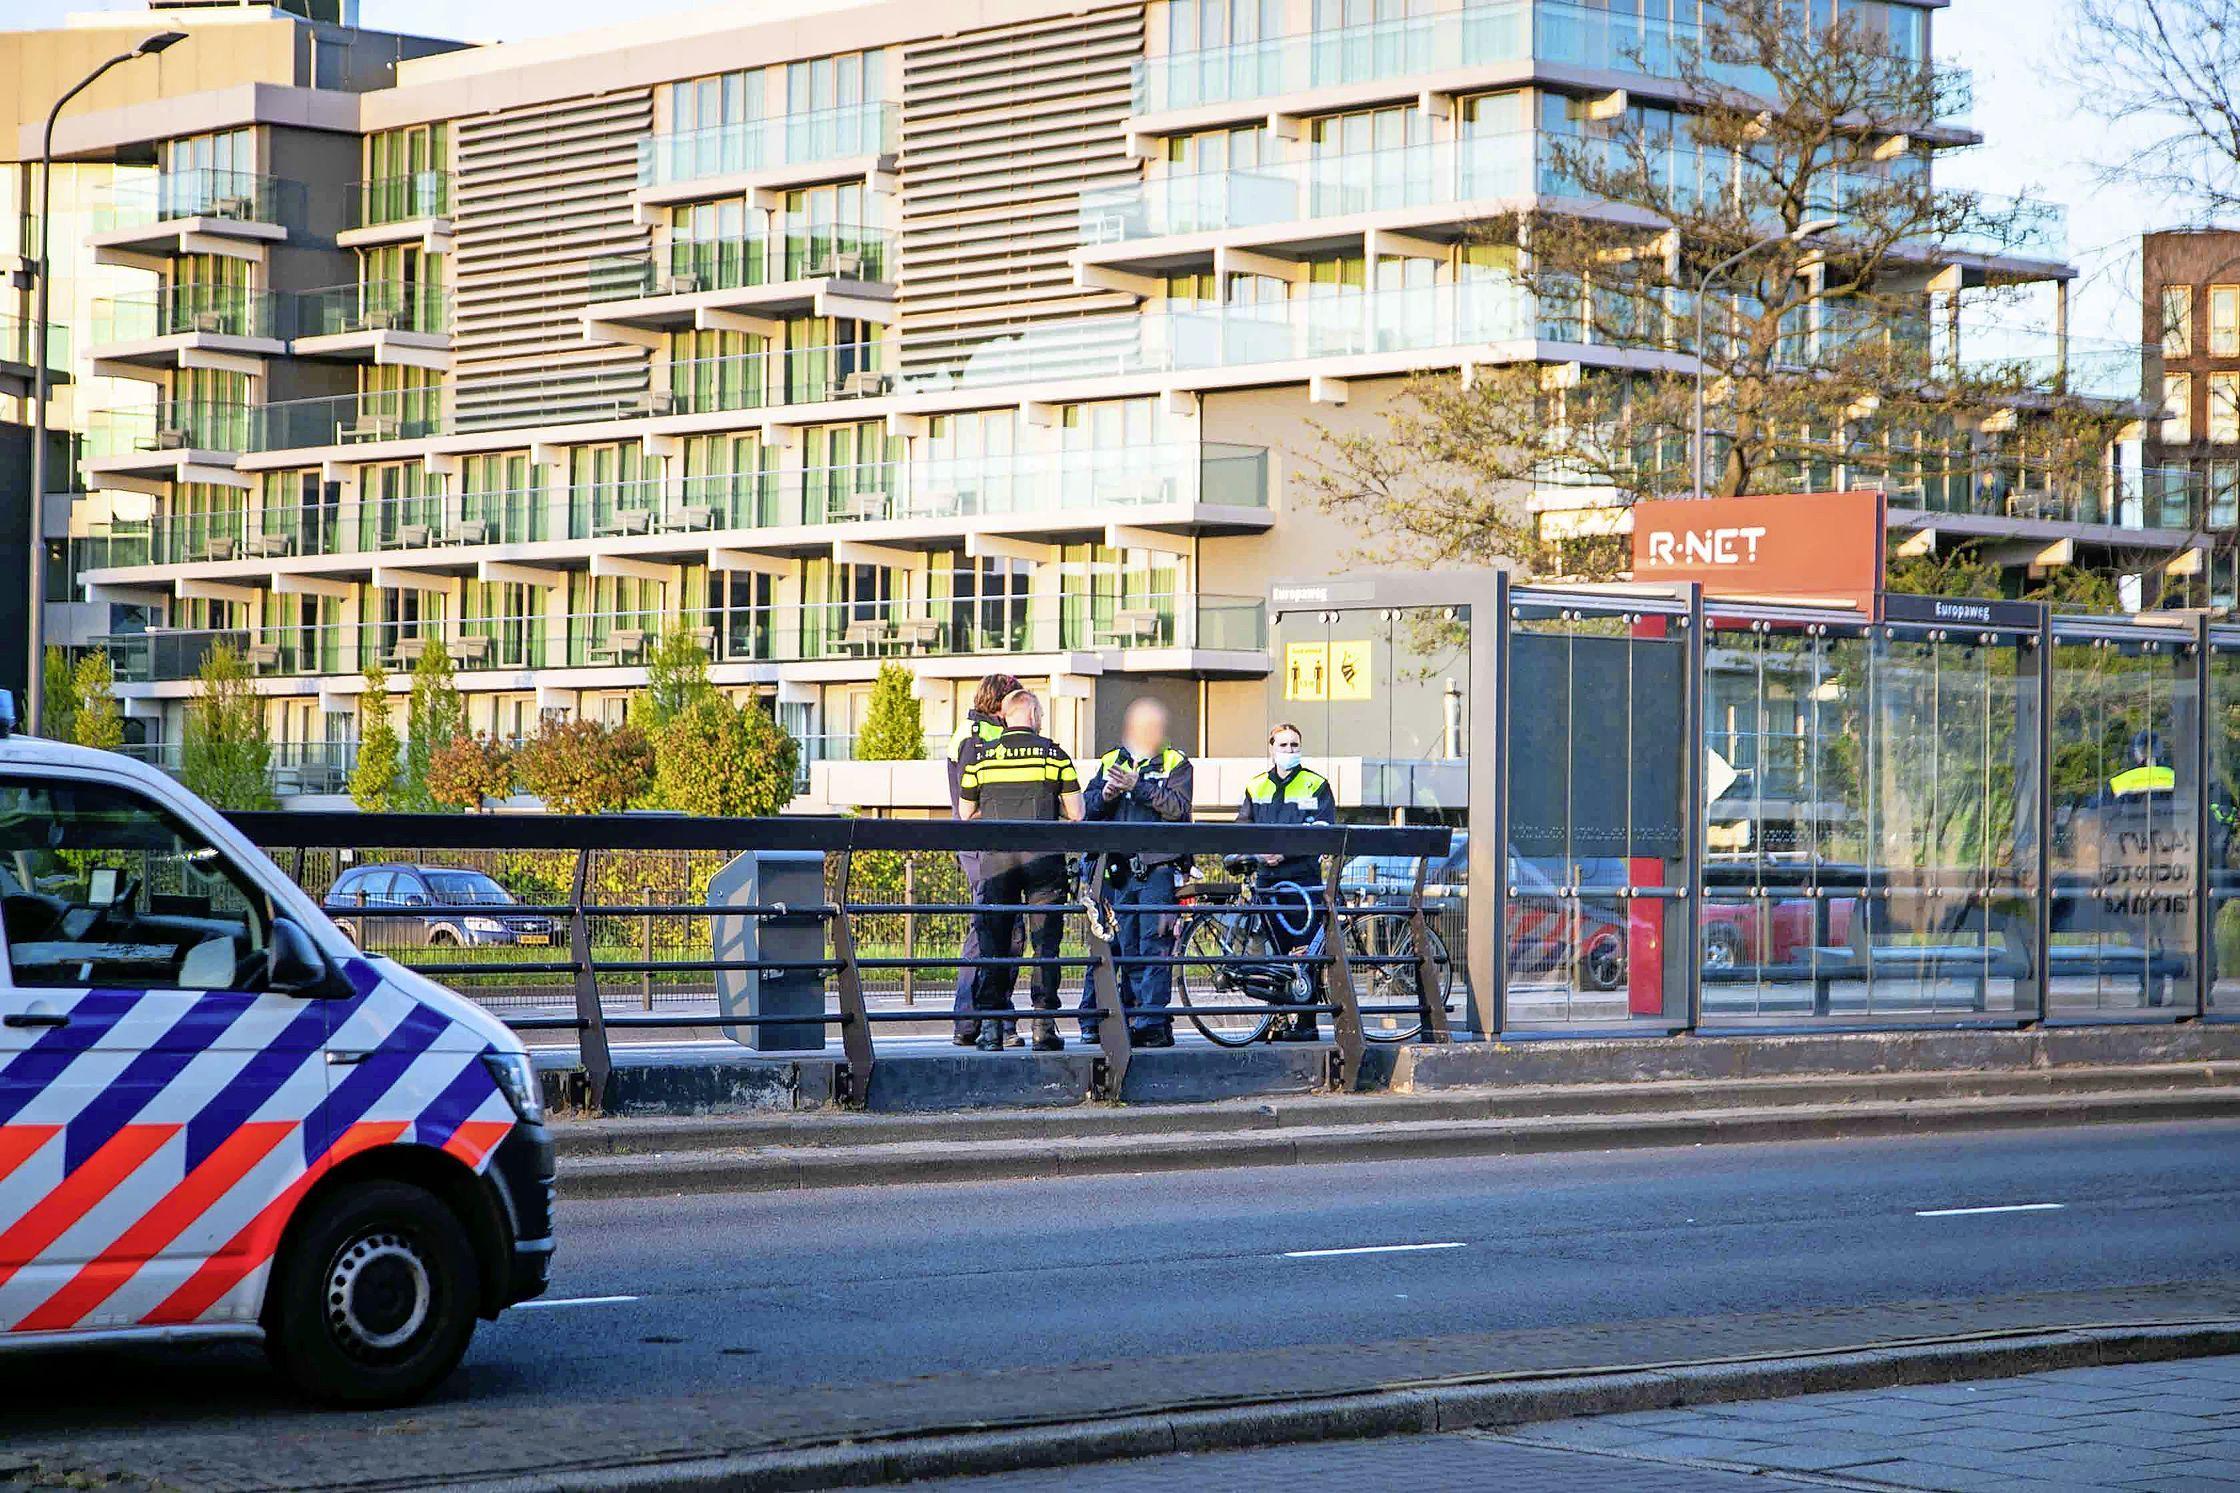 Connexxion-medewerker krijgt vuistslag in zijn gezicht na kaartcontrole in Haarlem, de dader is spoorloos